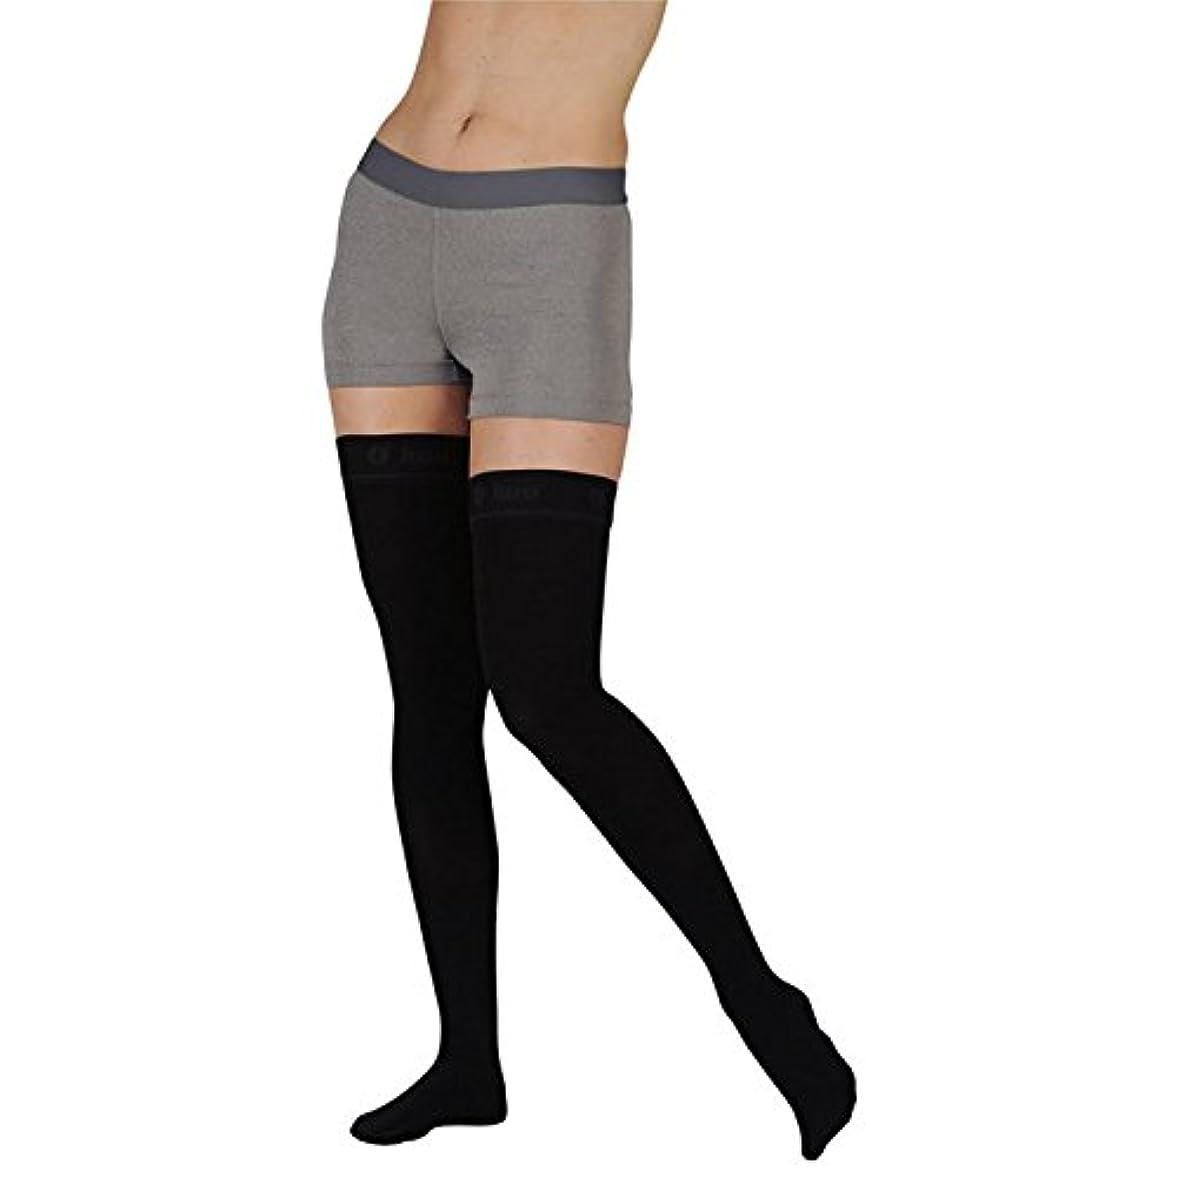 制限休戦公爵Juzo Soft Thigh High With Silicone Dot Band 30-40mmHg Open Toe, IV, Beige by Juzo